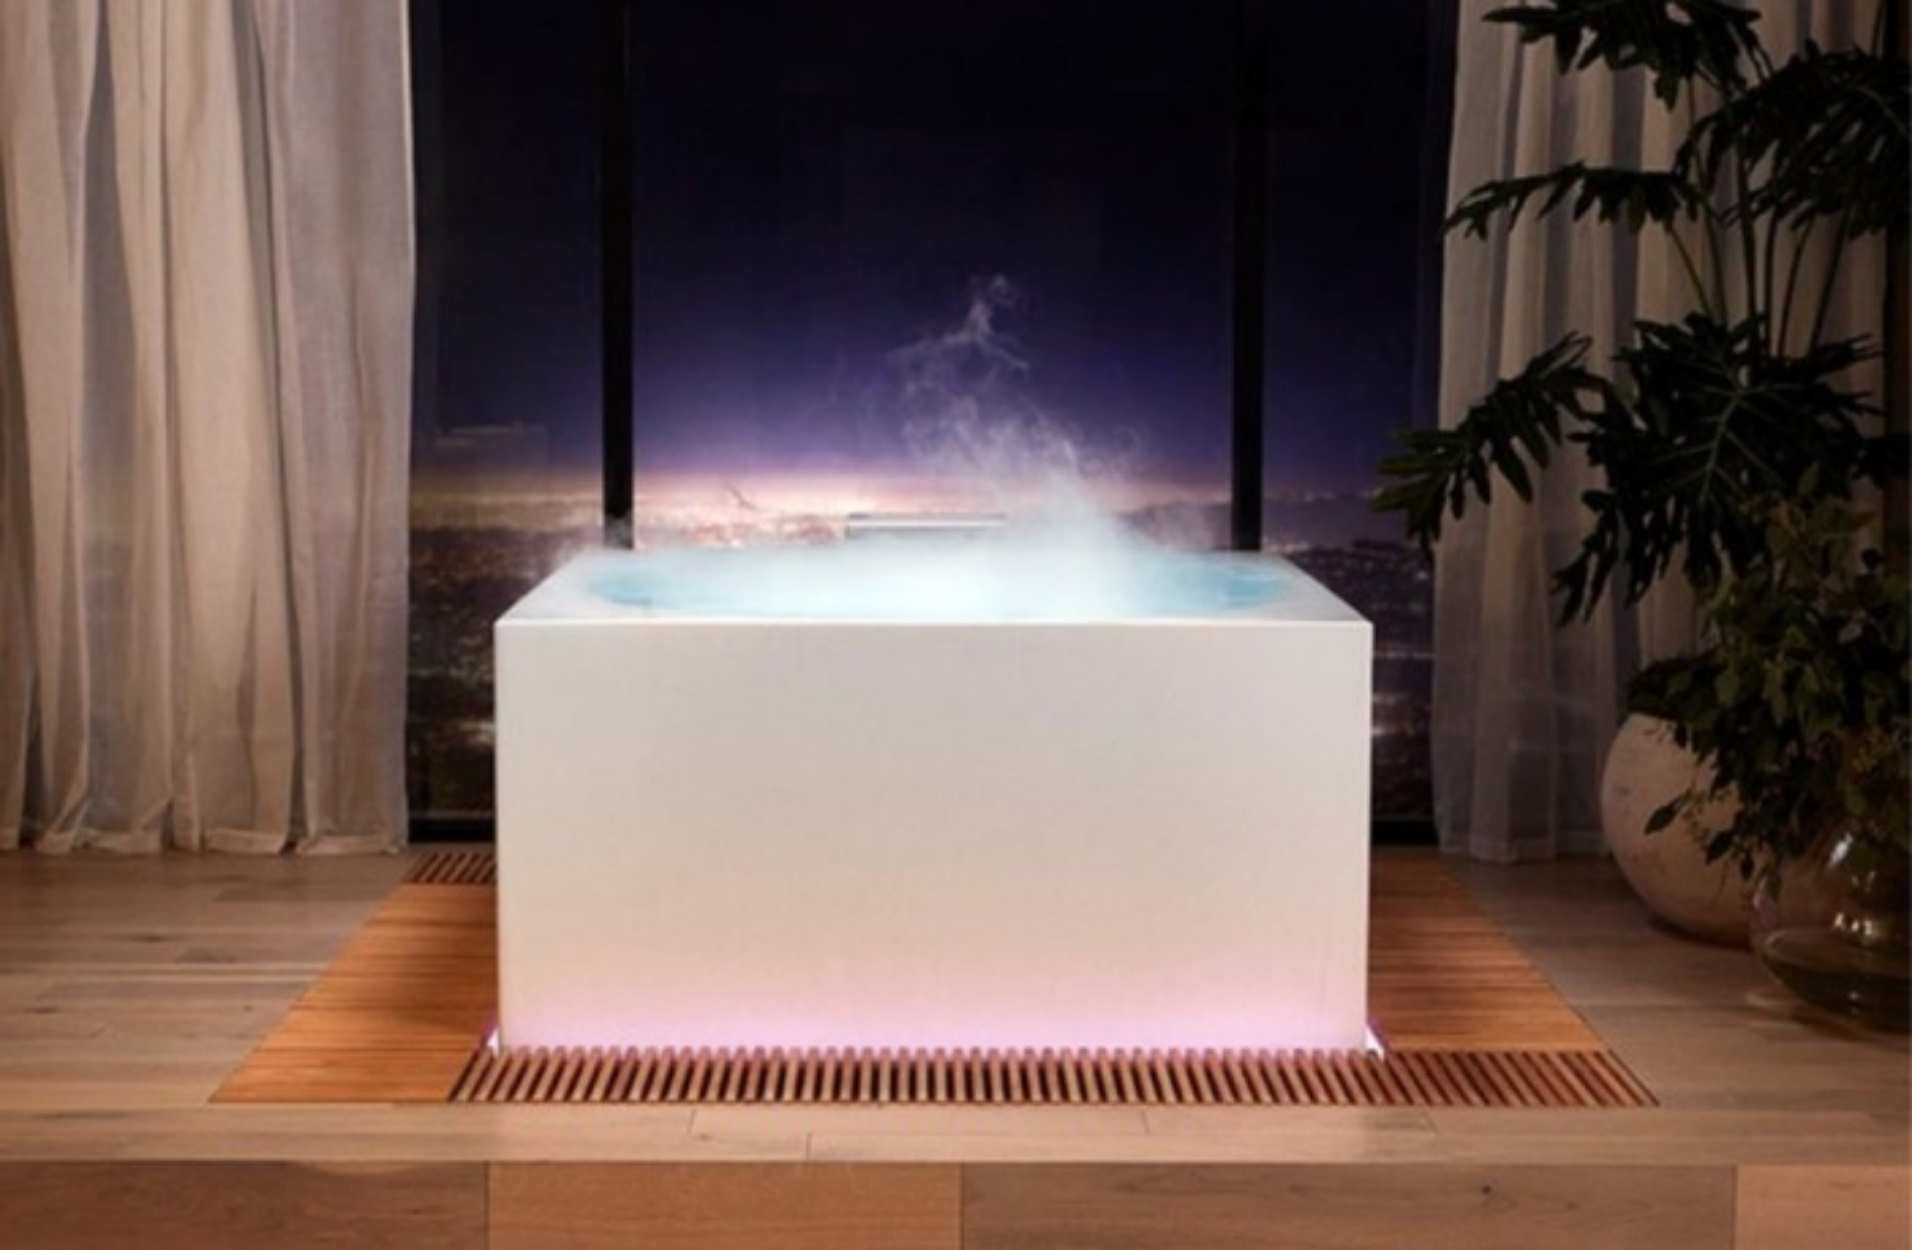 Η μπανιέρα των 16.000 δολαρίων που όλοι θα θέλαμε να αποκτήσουμε!